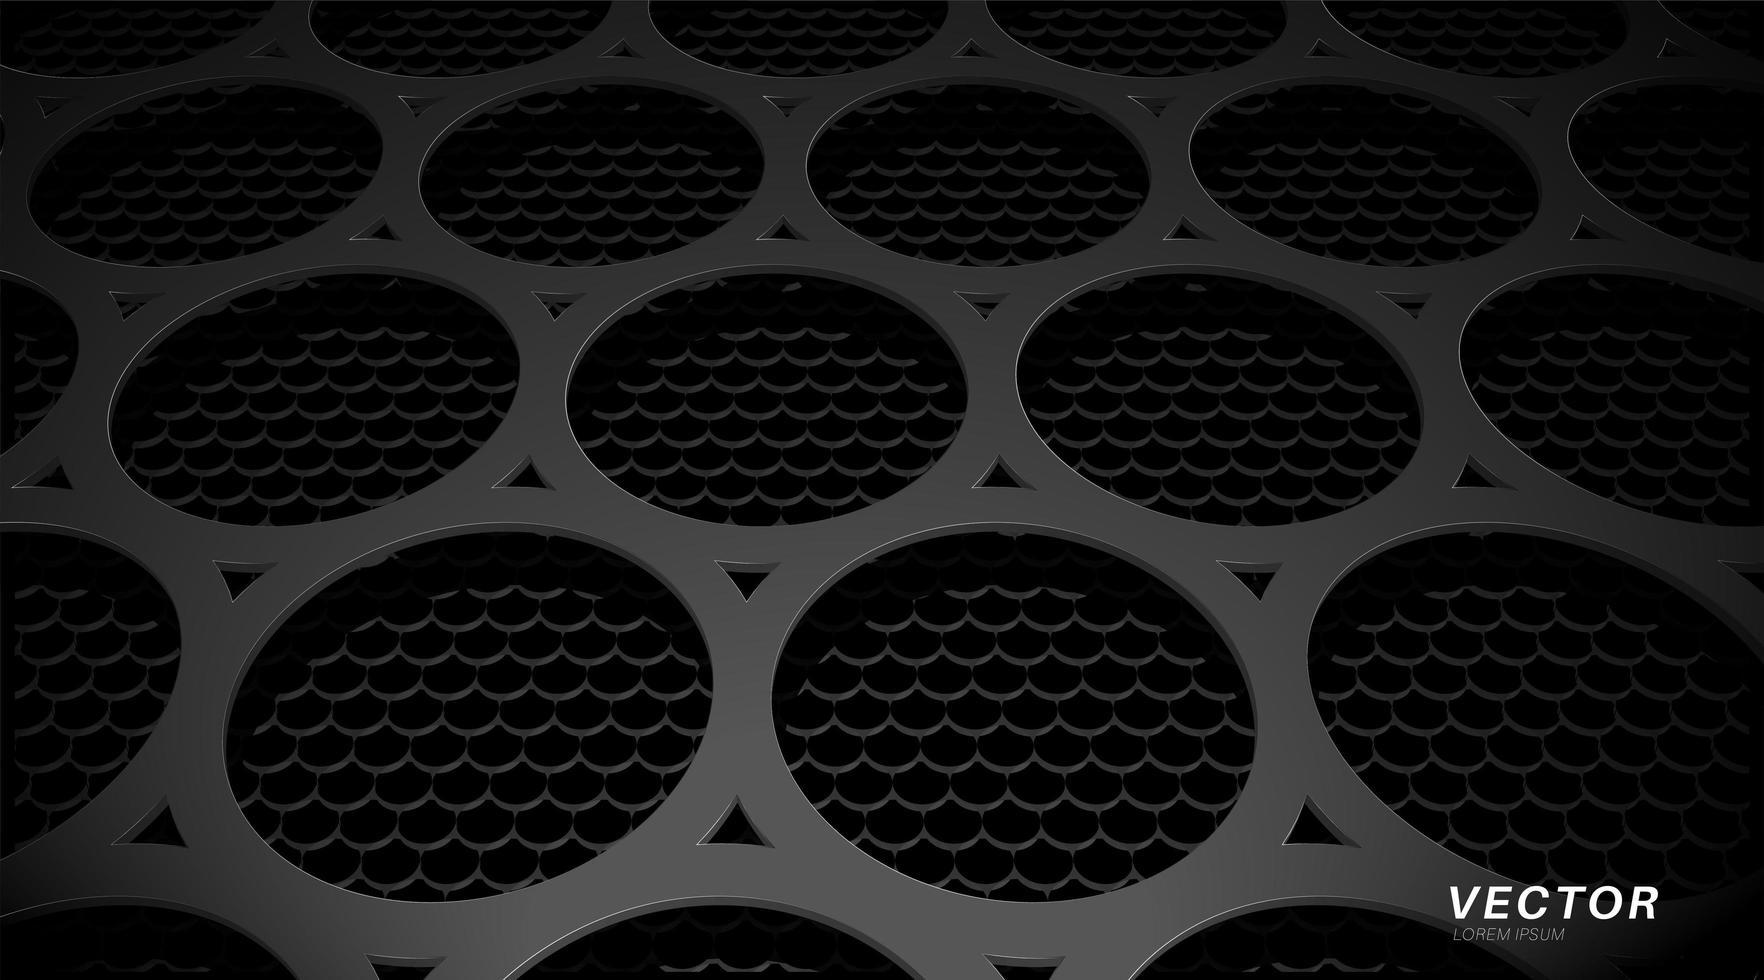 disegno astratto sfondo con struttura in metallo perforato. progettazione 3d illustrazione vettoriale